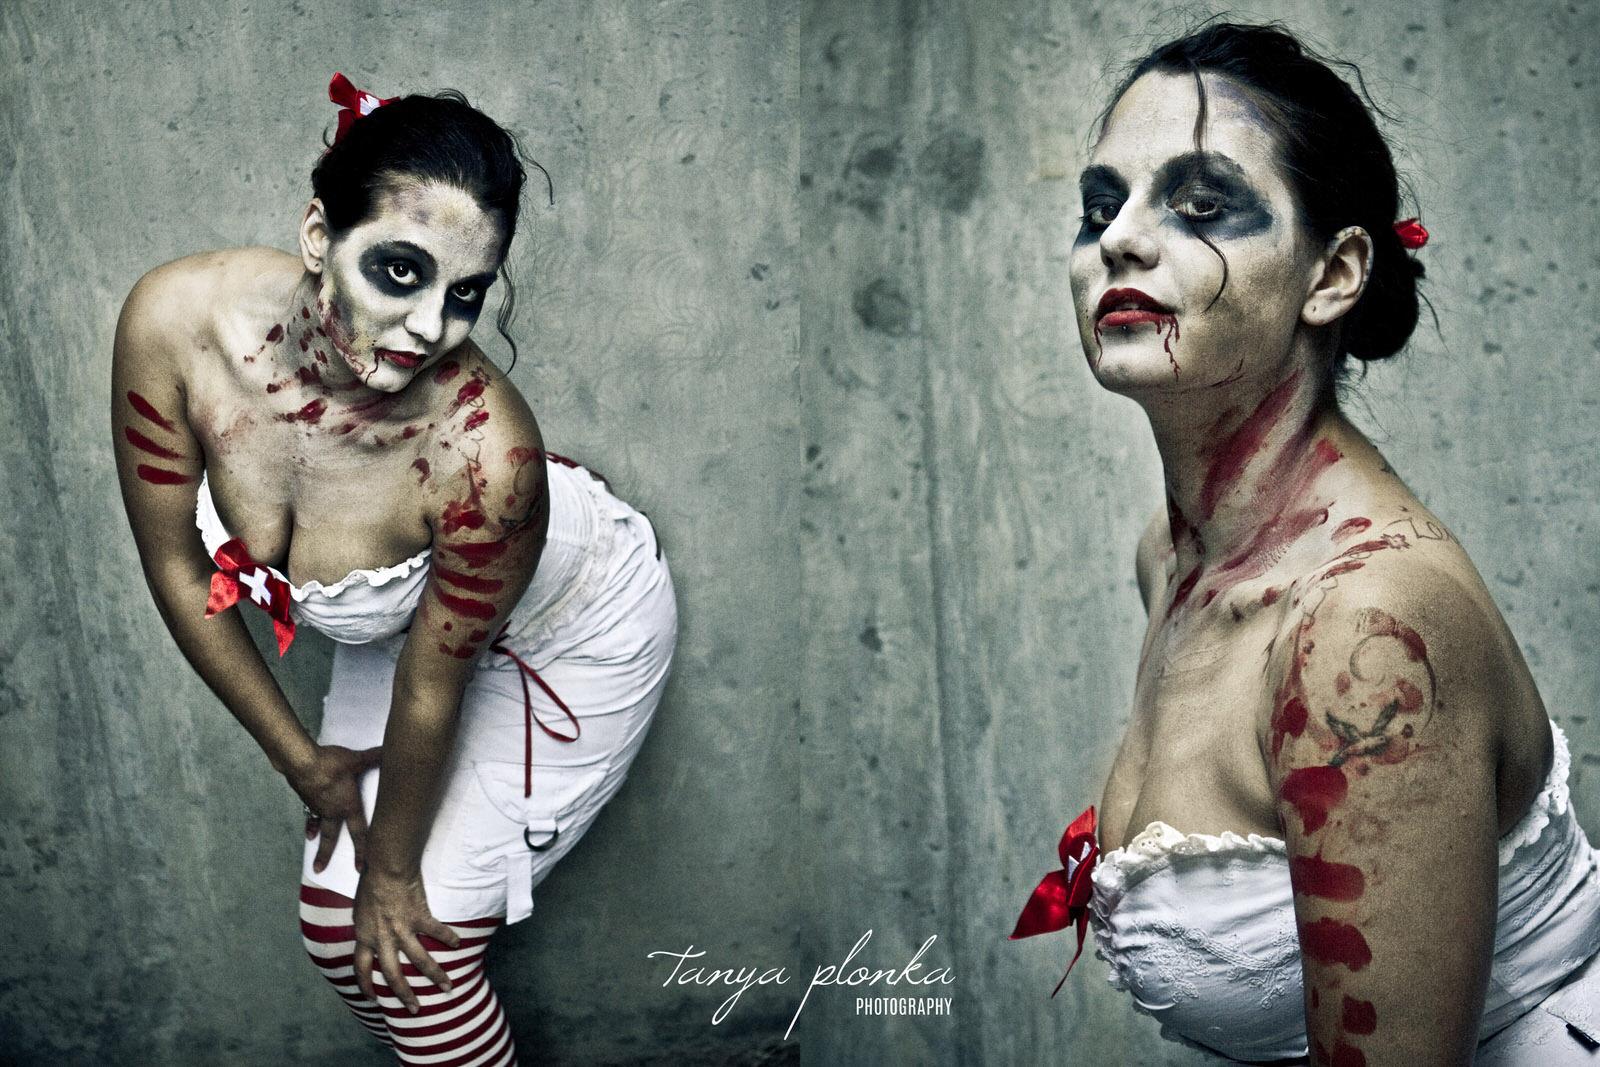 sexy nurse zombie pinup